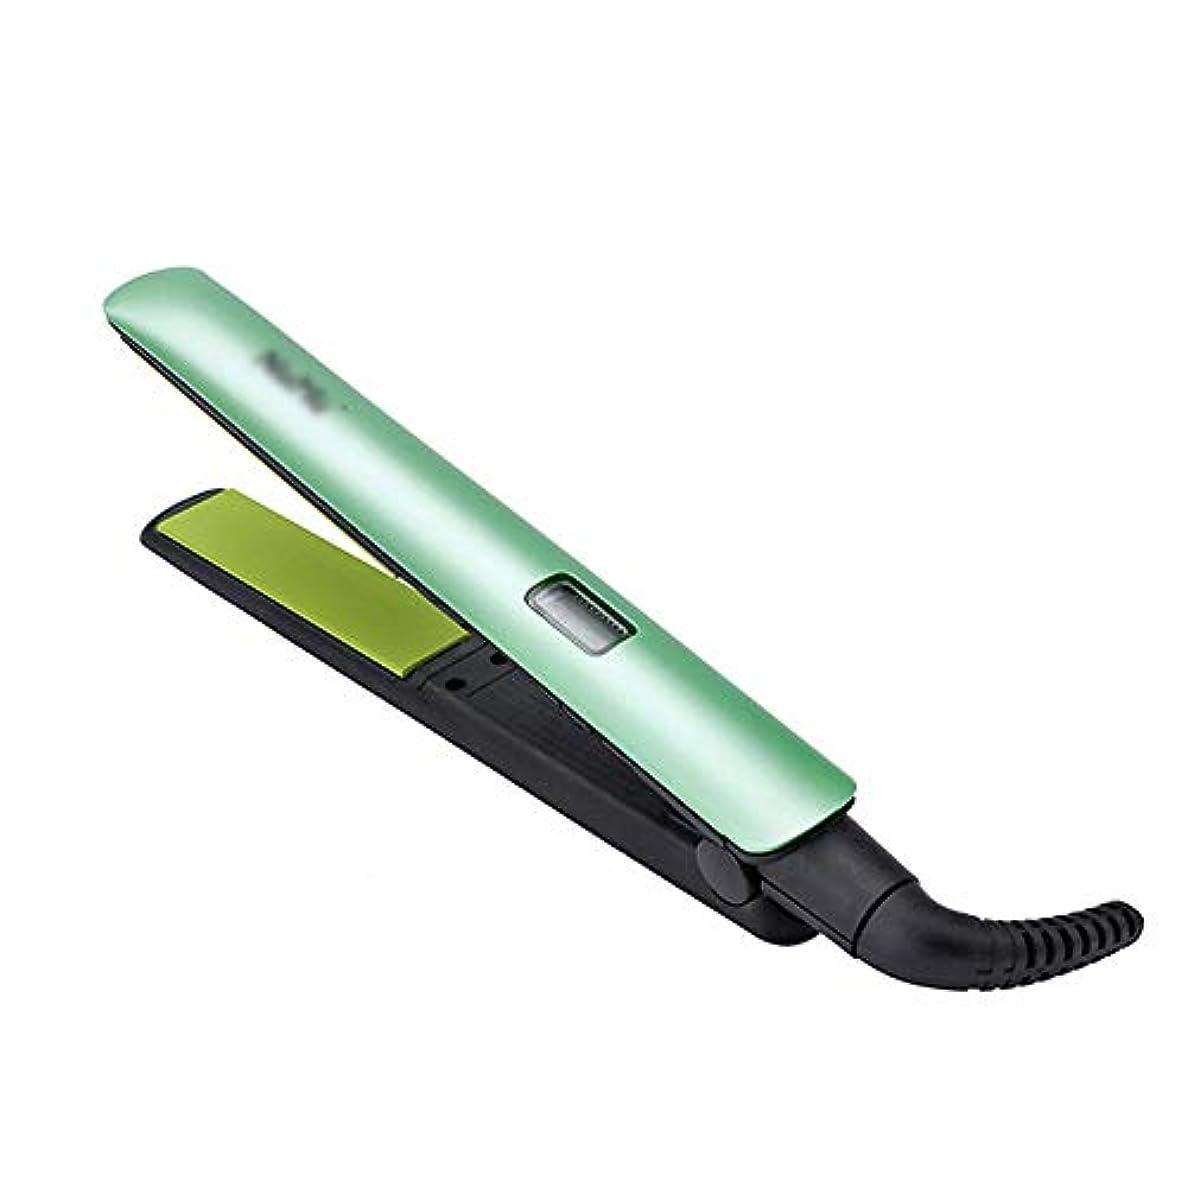 合わせて典型的な役に立たない1ストレートヘア&カーリーに付き2、セラミックLCDストレートヘアプレート、プロフェッショナルストレートヘアアイロン モデリングツール (色 : オレンジ)